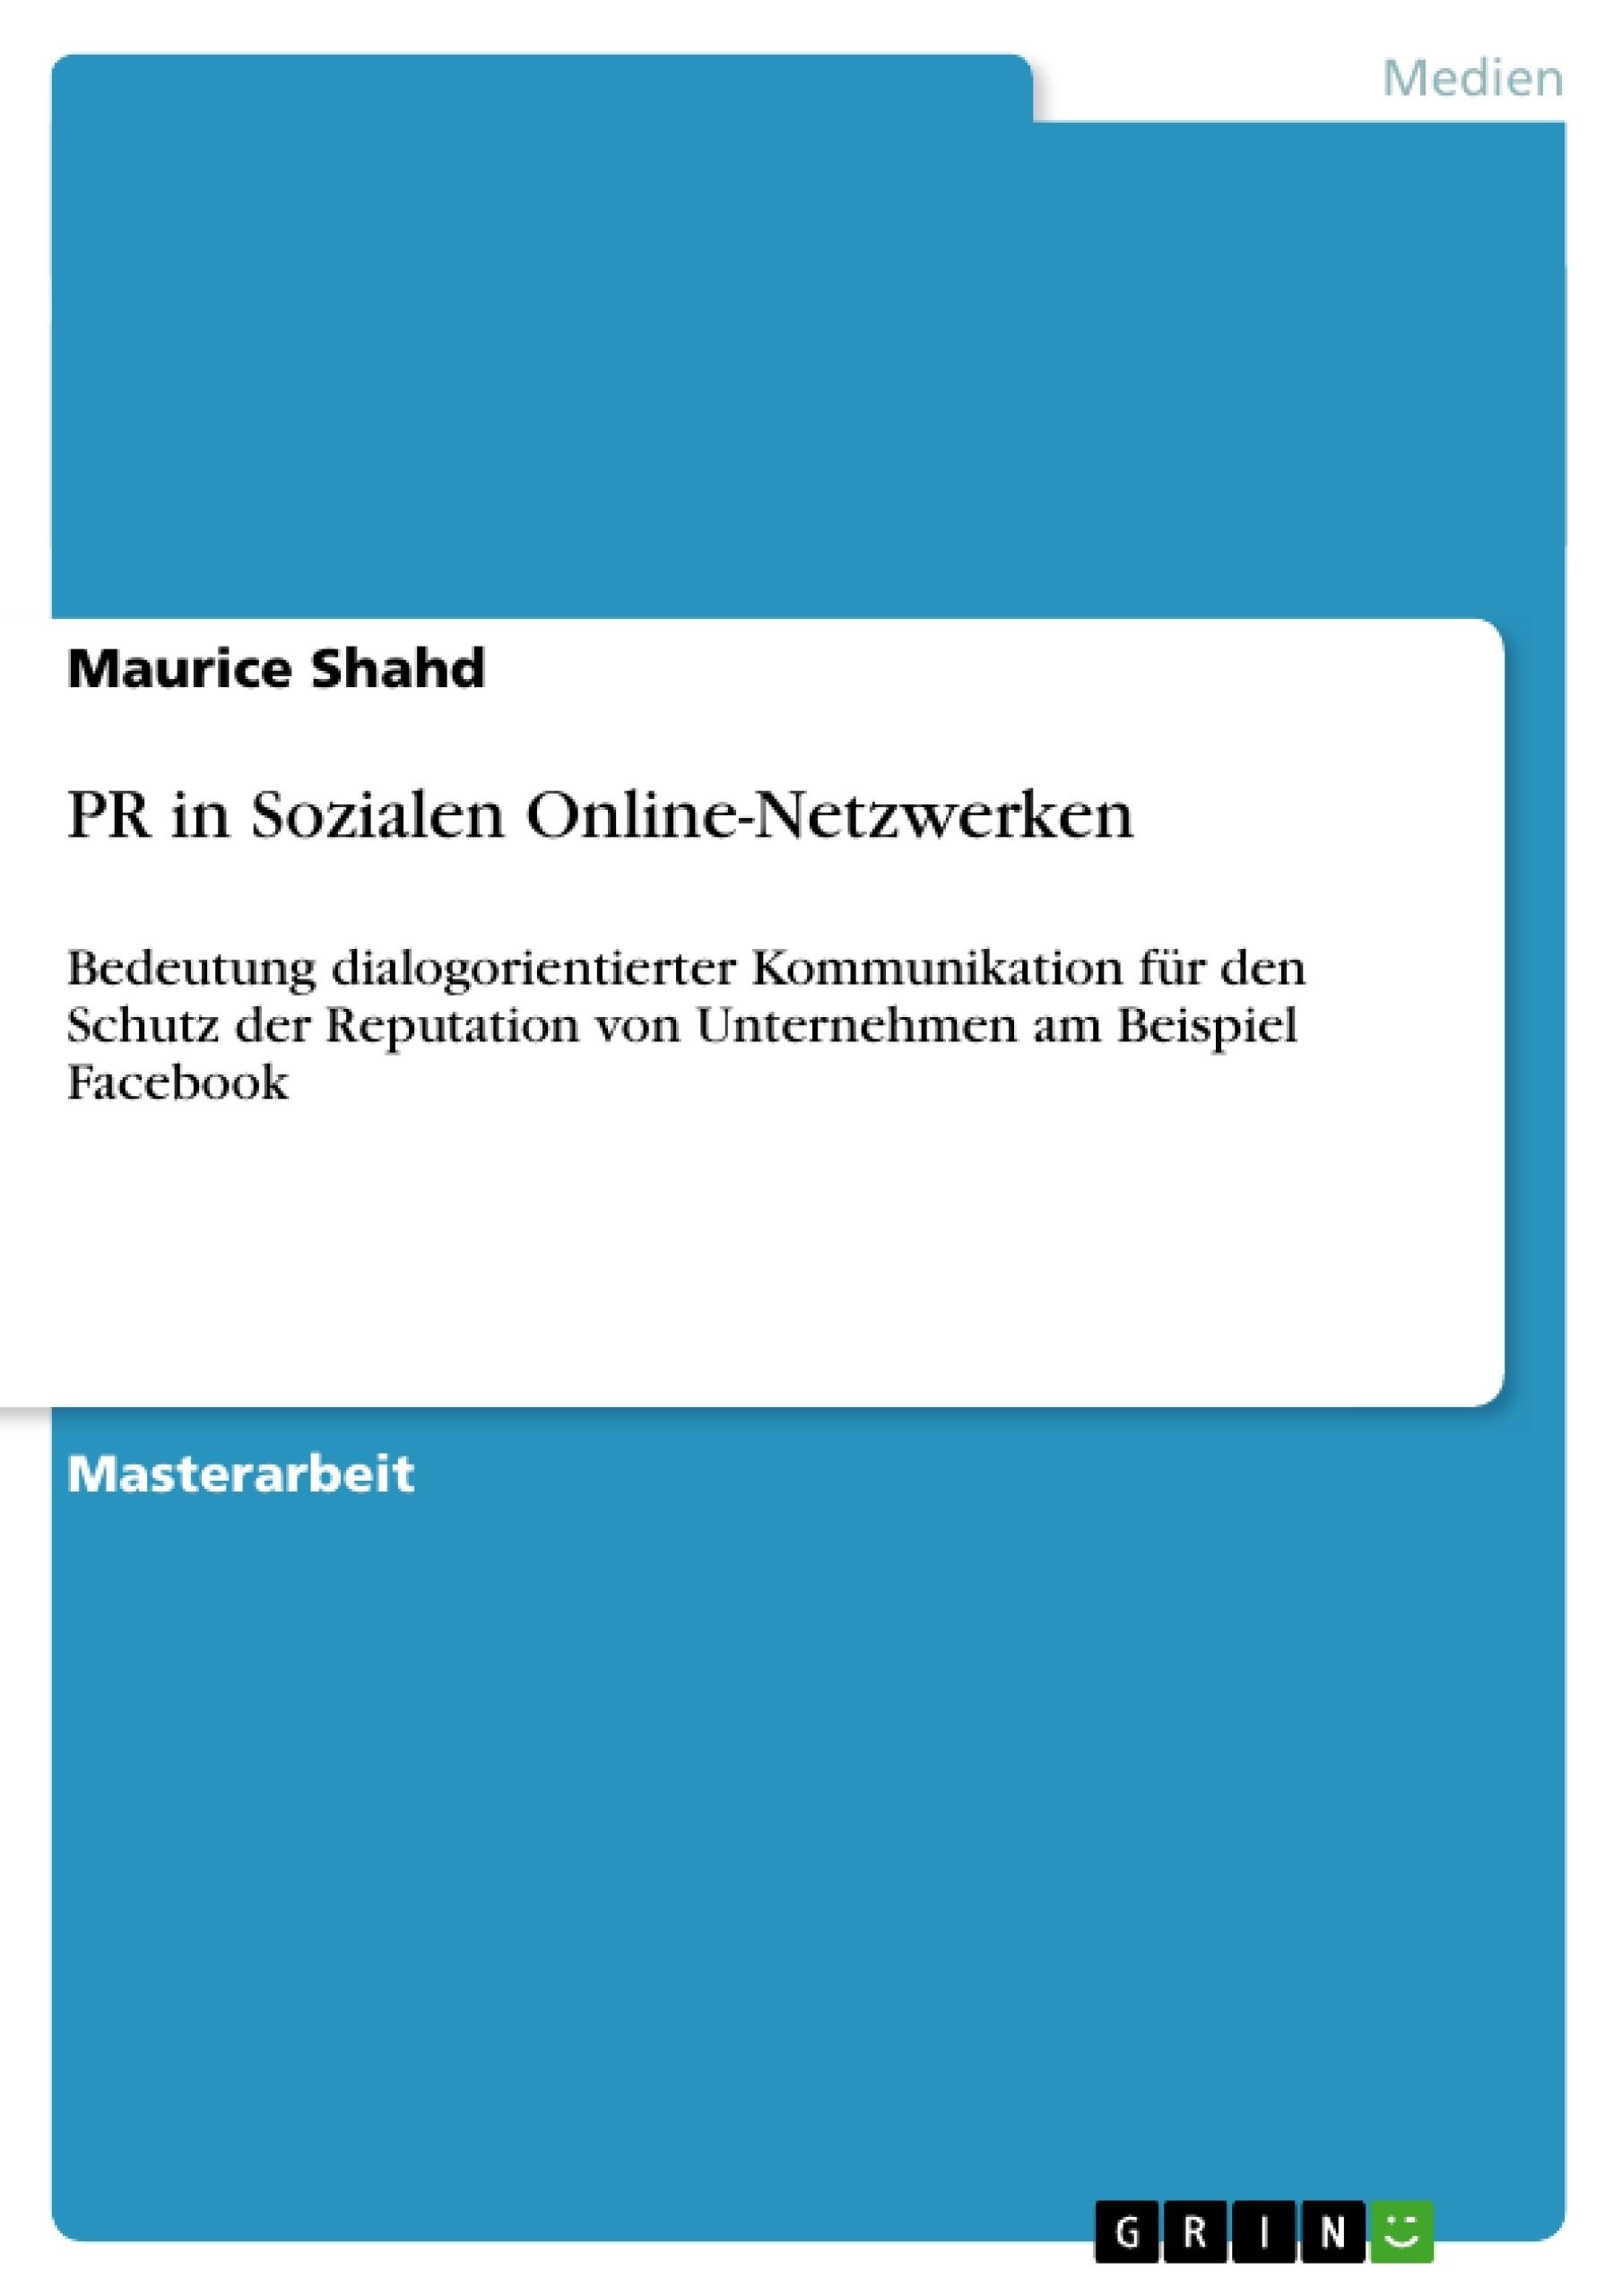 Titel: PR in Sozialen Online-Netzwerken